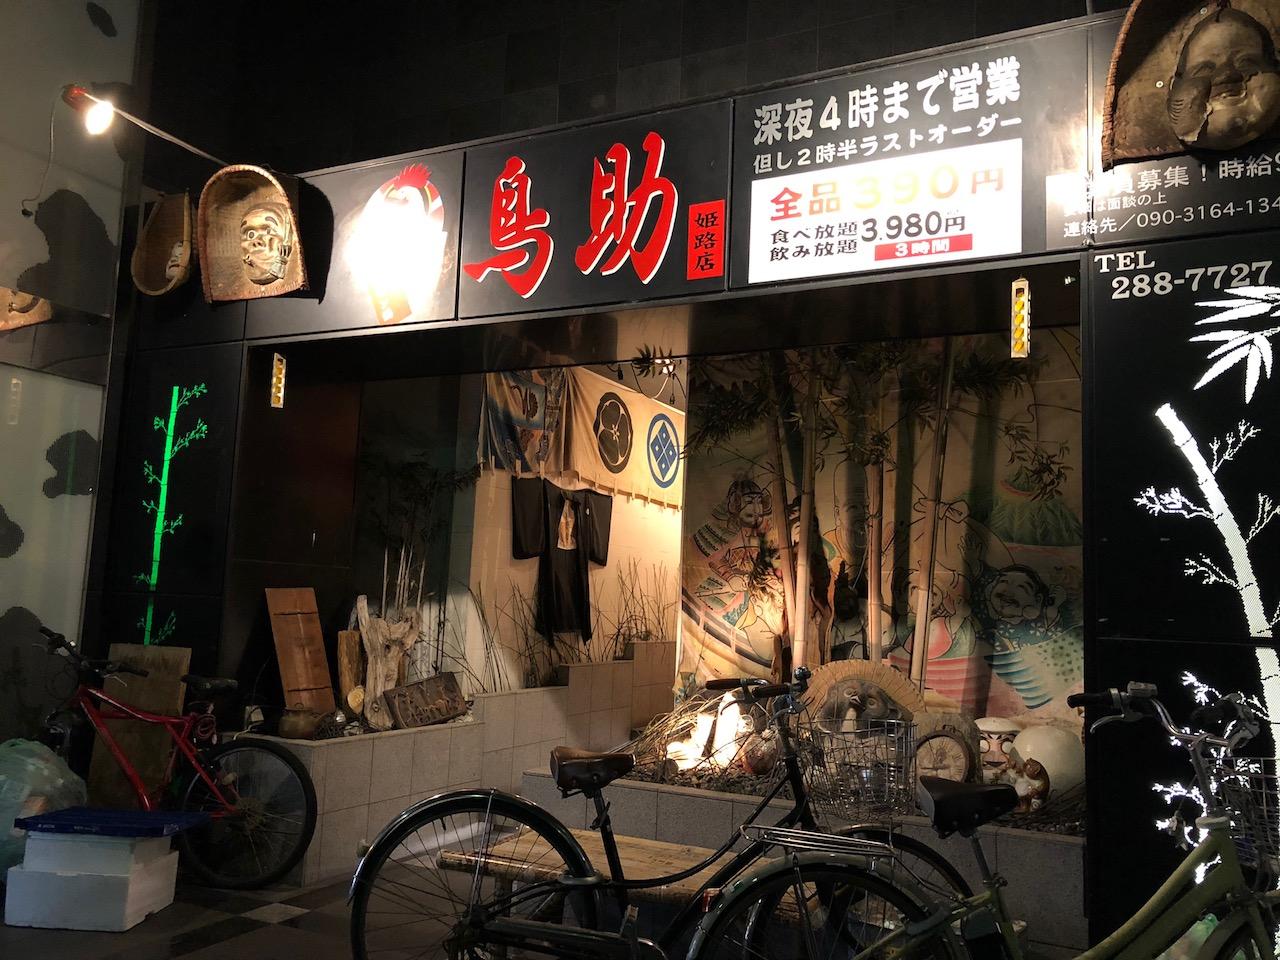 あぶり焼鳥 鳥助の姫路店に行ってきた!必殺食べ飲み放題3時間半!